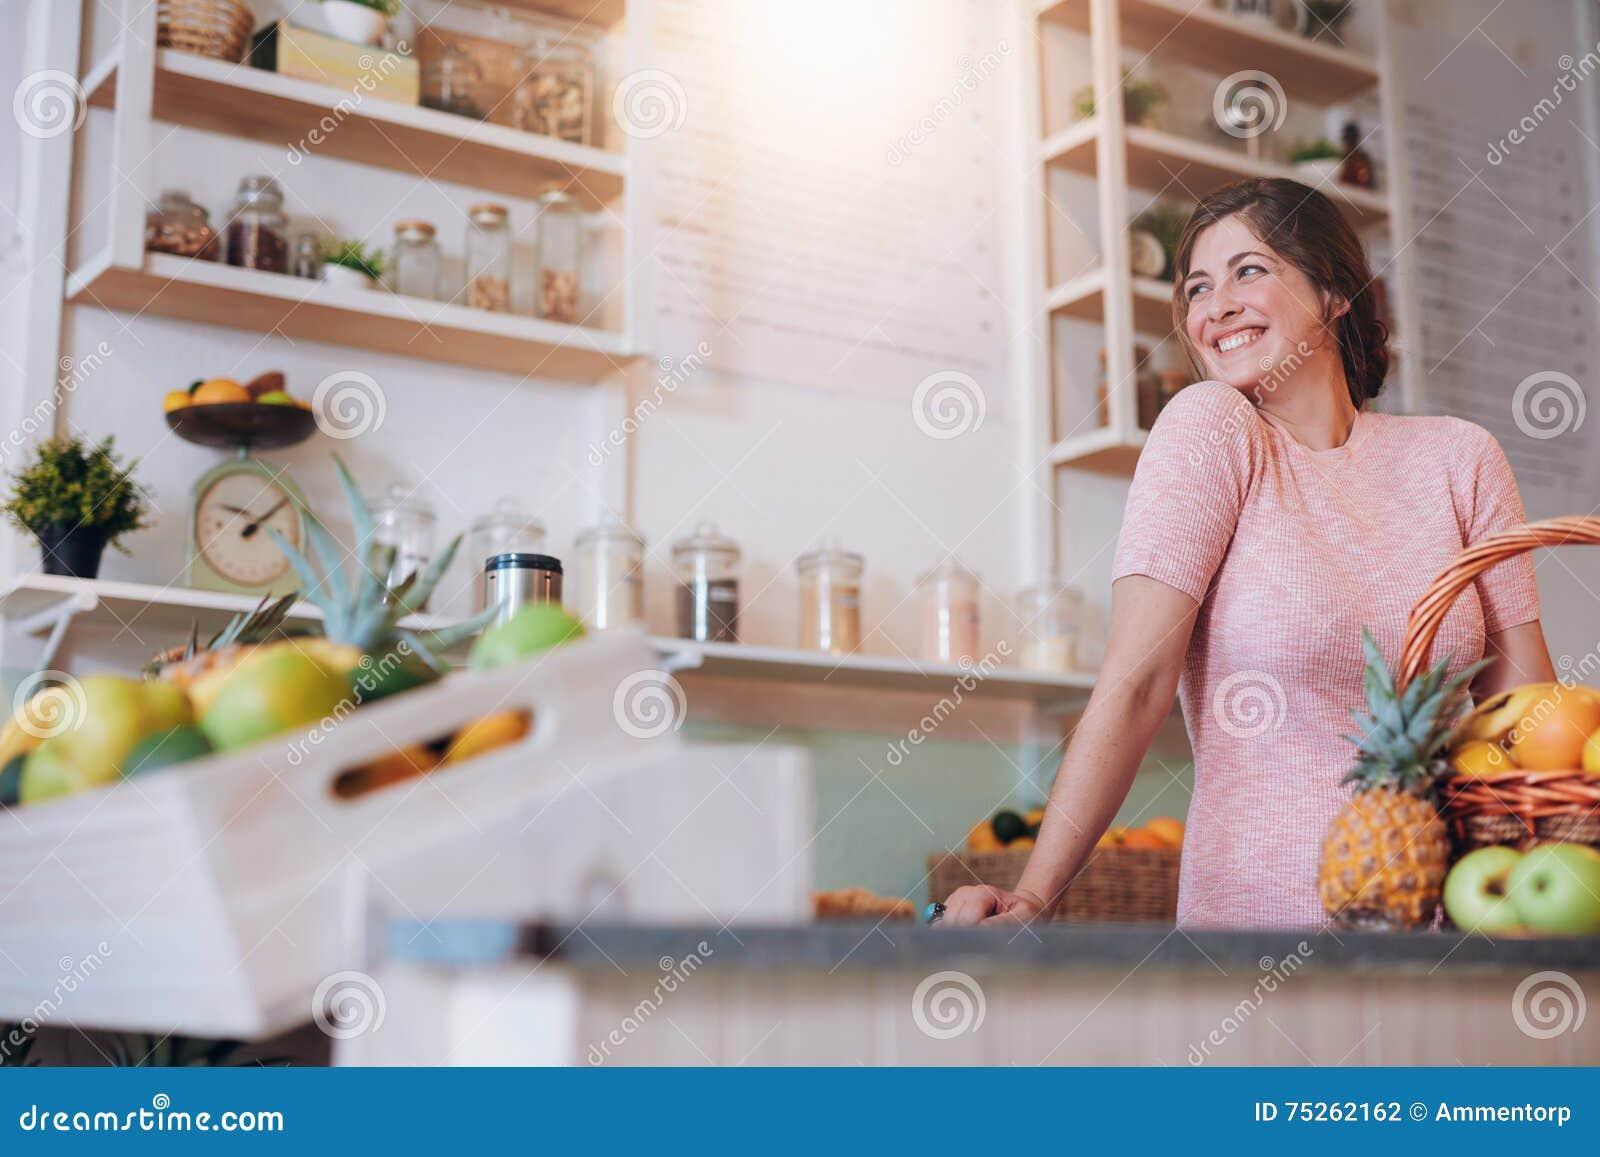 Belle femme se tenant derrière le compteur de son bar à jus